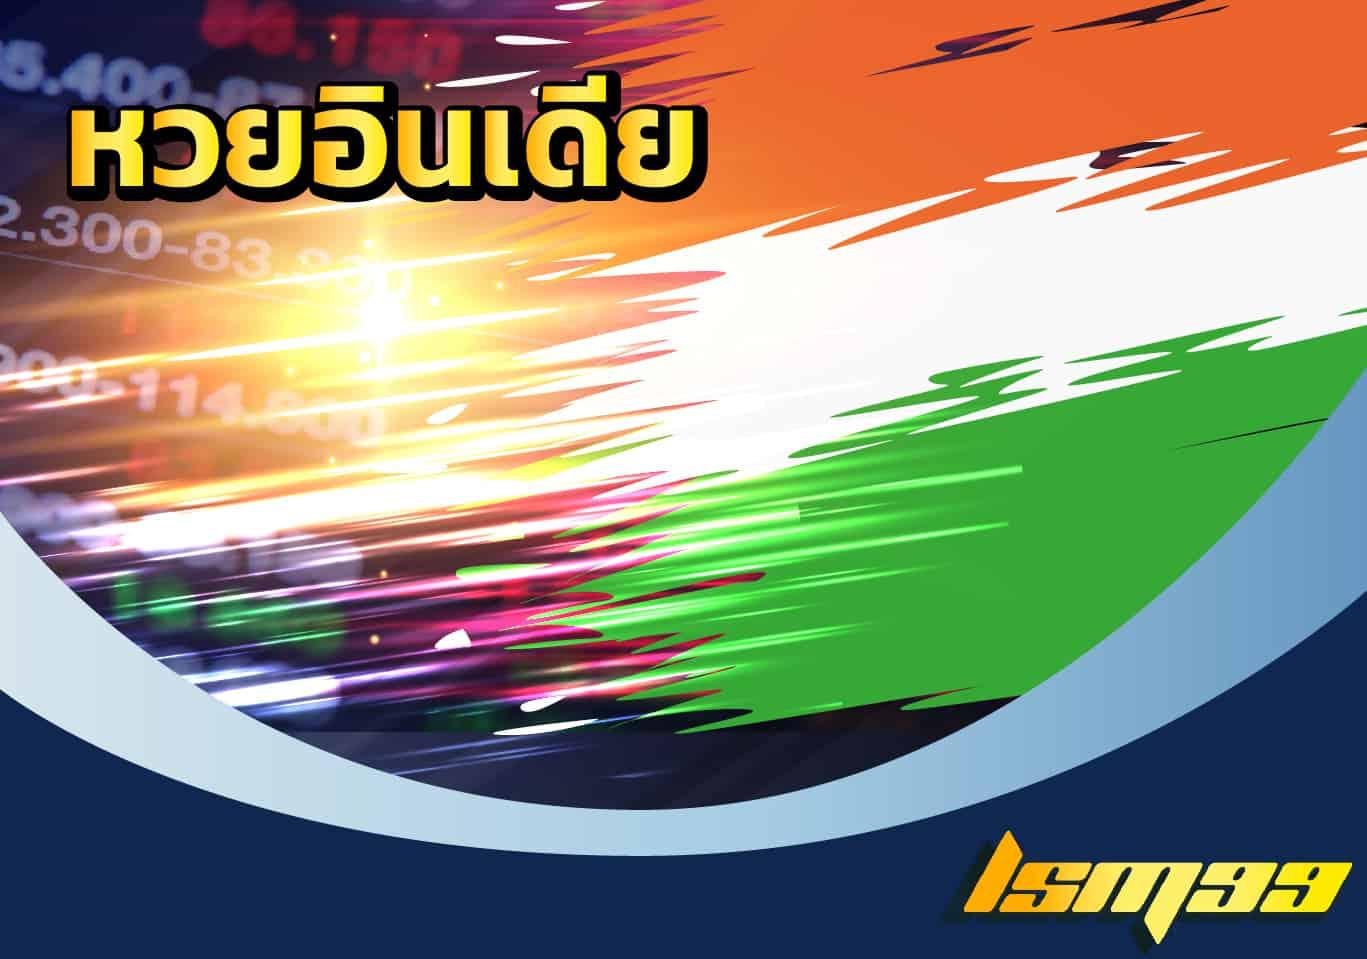 หวยอินเดีย-lsm99you